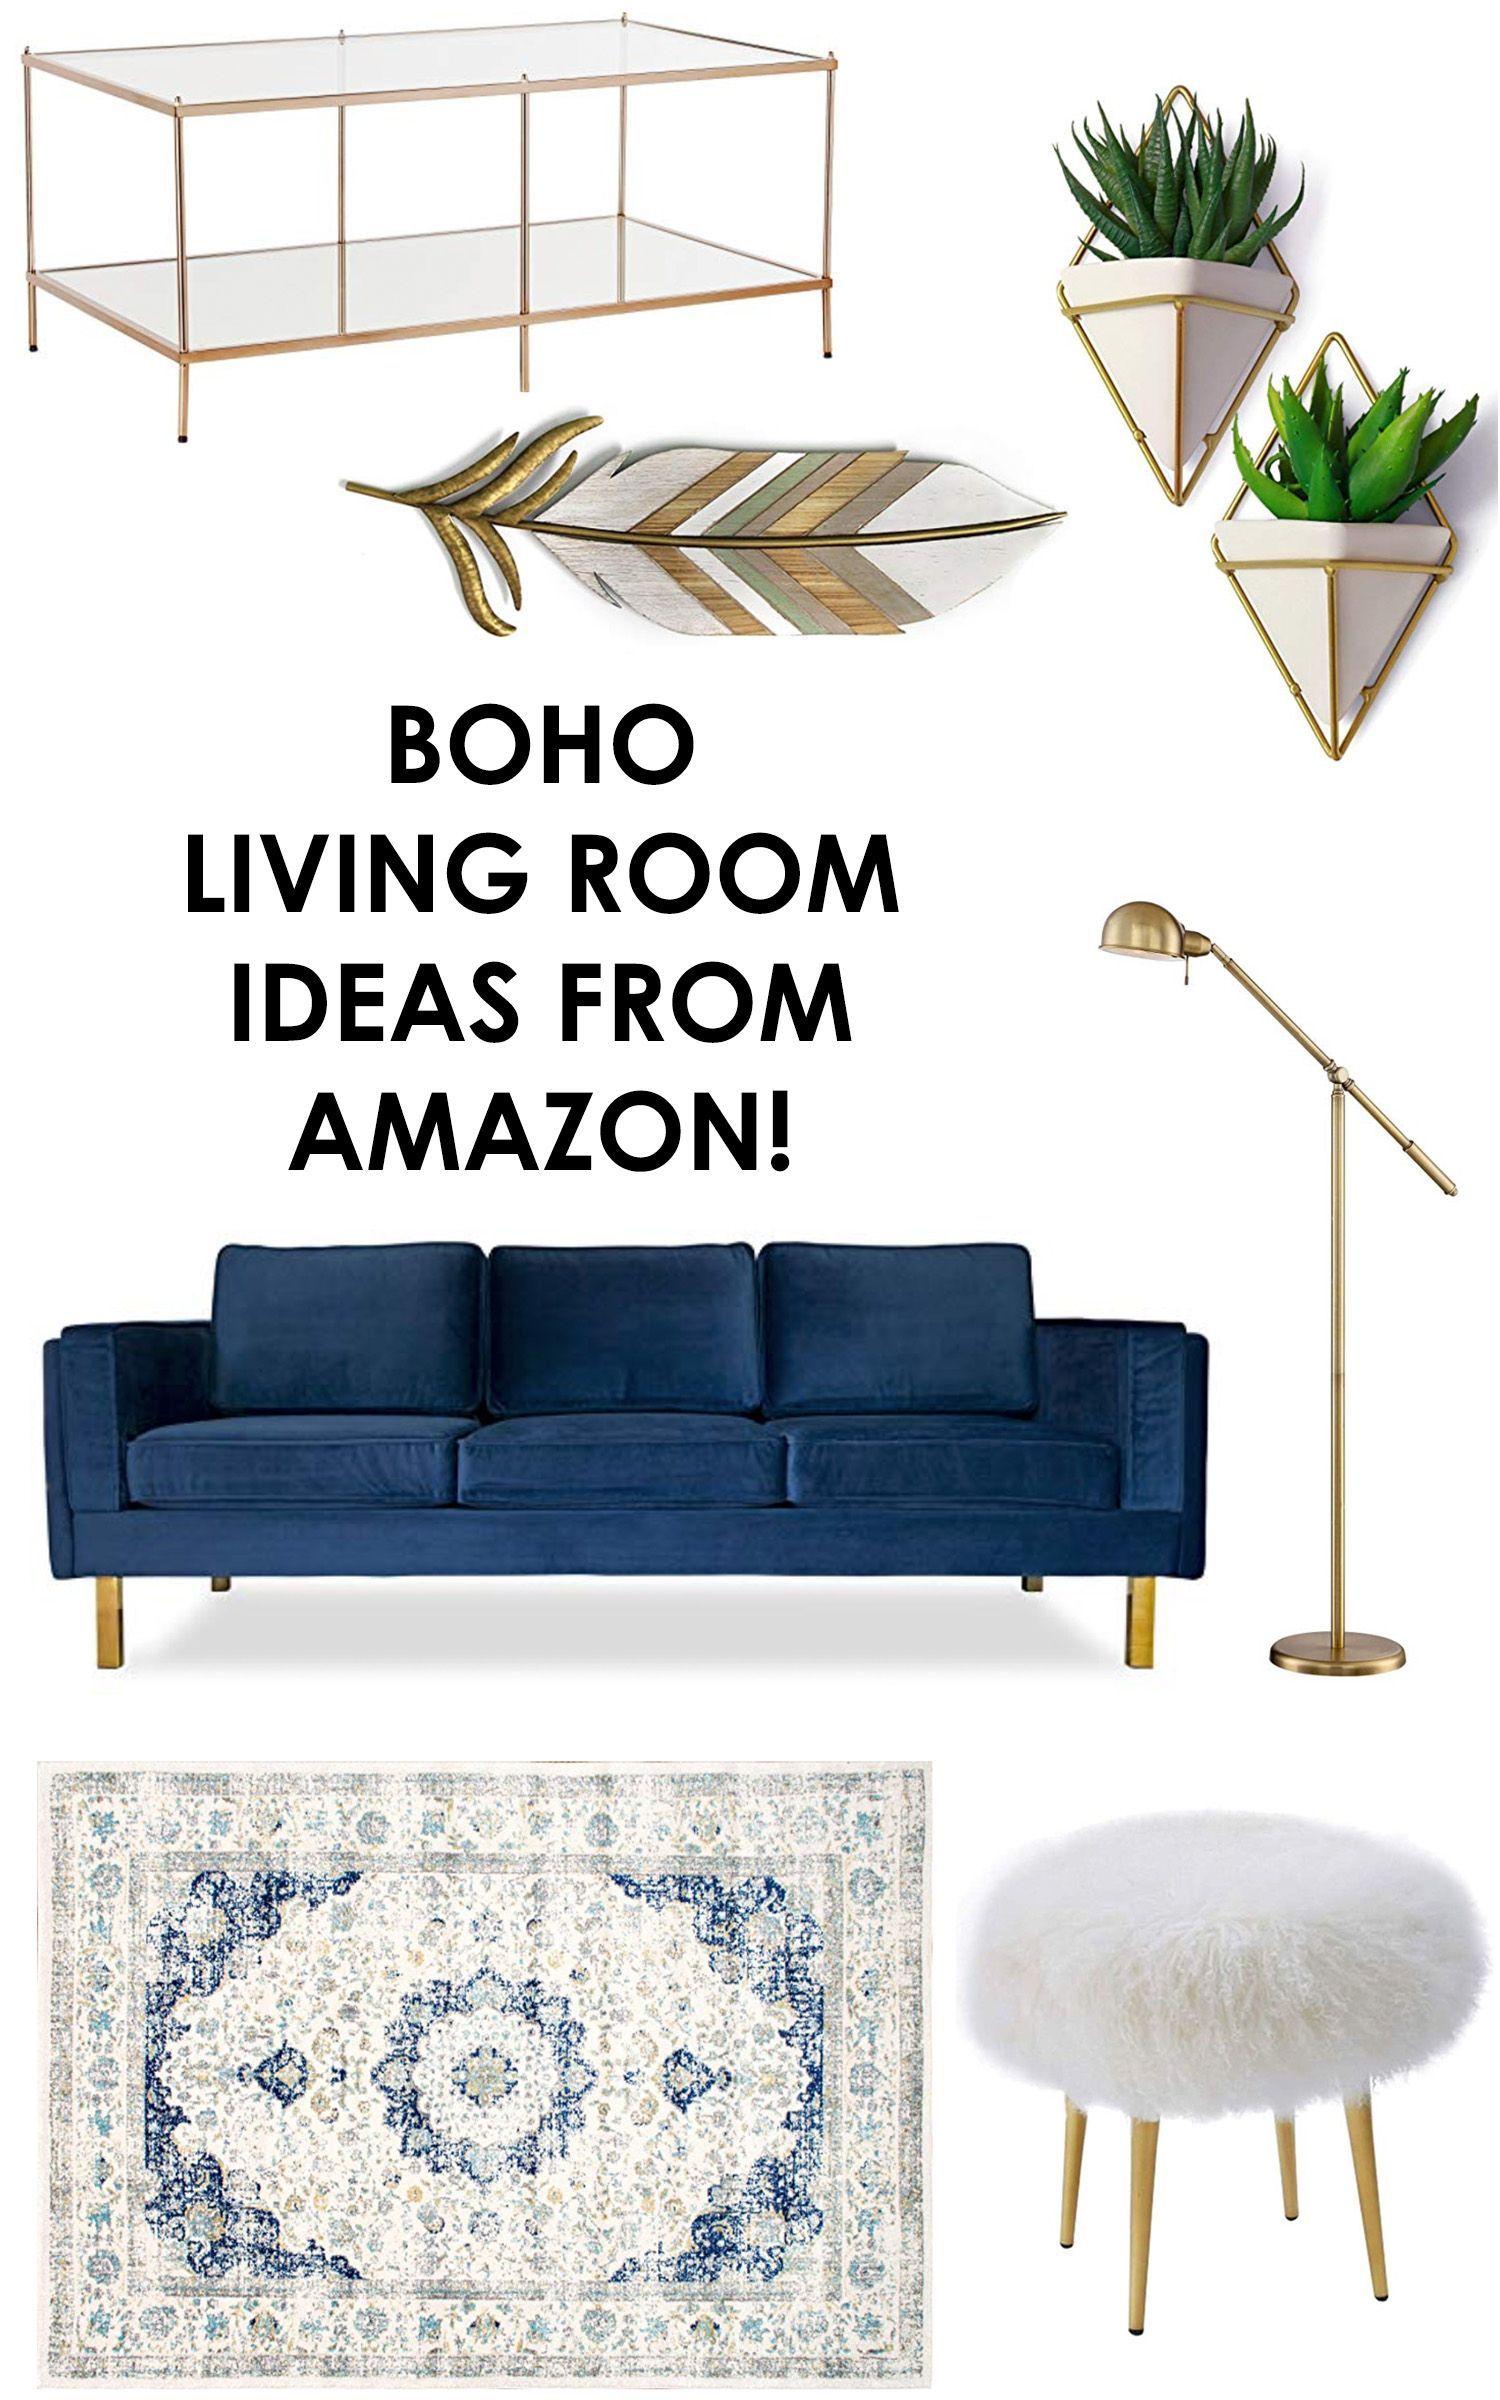 Boho Living Room Ideas From Amazon Boho Living Room Ideas Boho Decor Mid Century Mo Blue Couch Living Room Blue Sofas Living Room Velvet Sofa Living Room